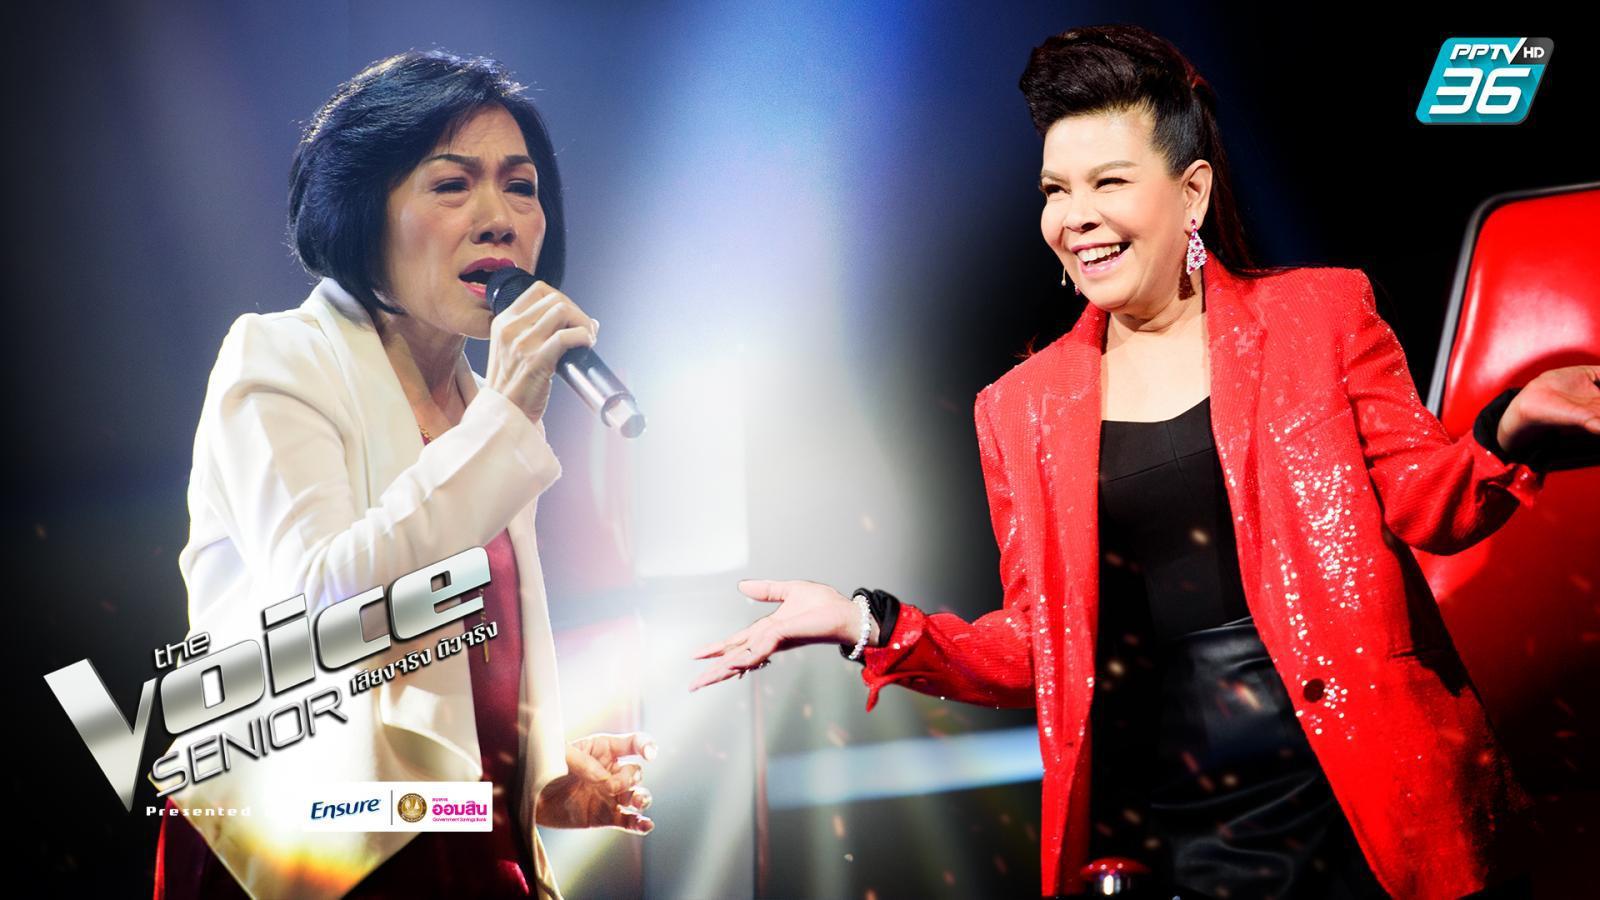 The Voice Senior Thailand 2020 EP.2 | เรื่องร้องไม่เป็นรอง แถมฟรีดูดวงโหงวเฮ้งคิ้ว!